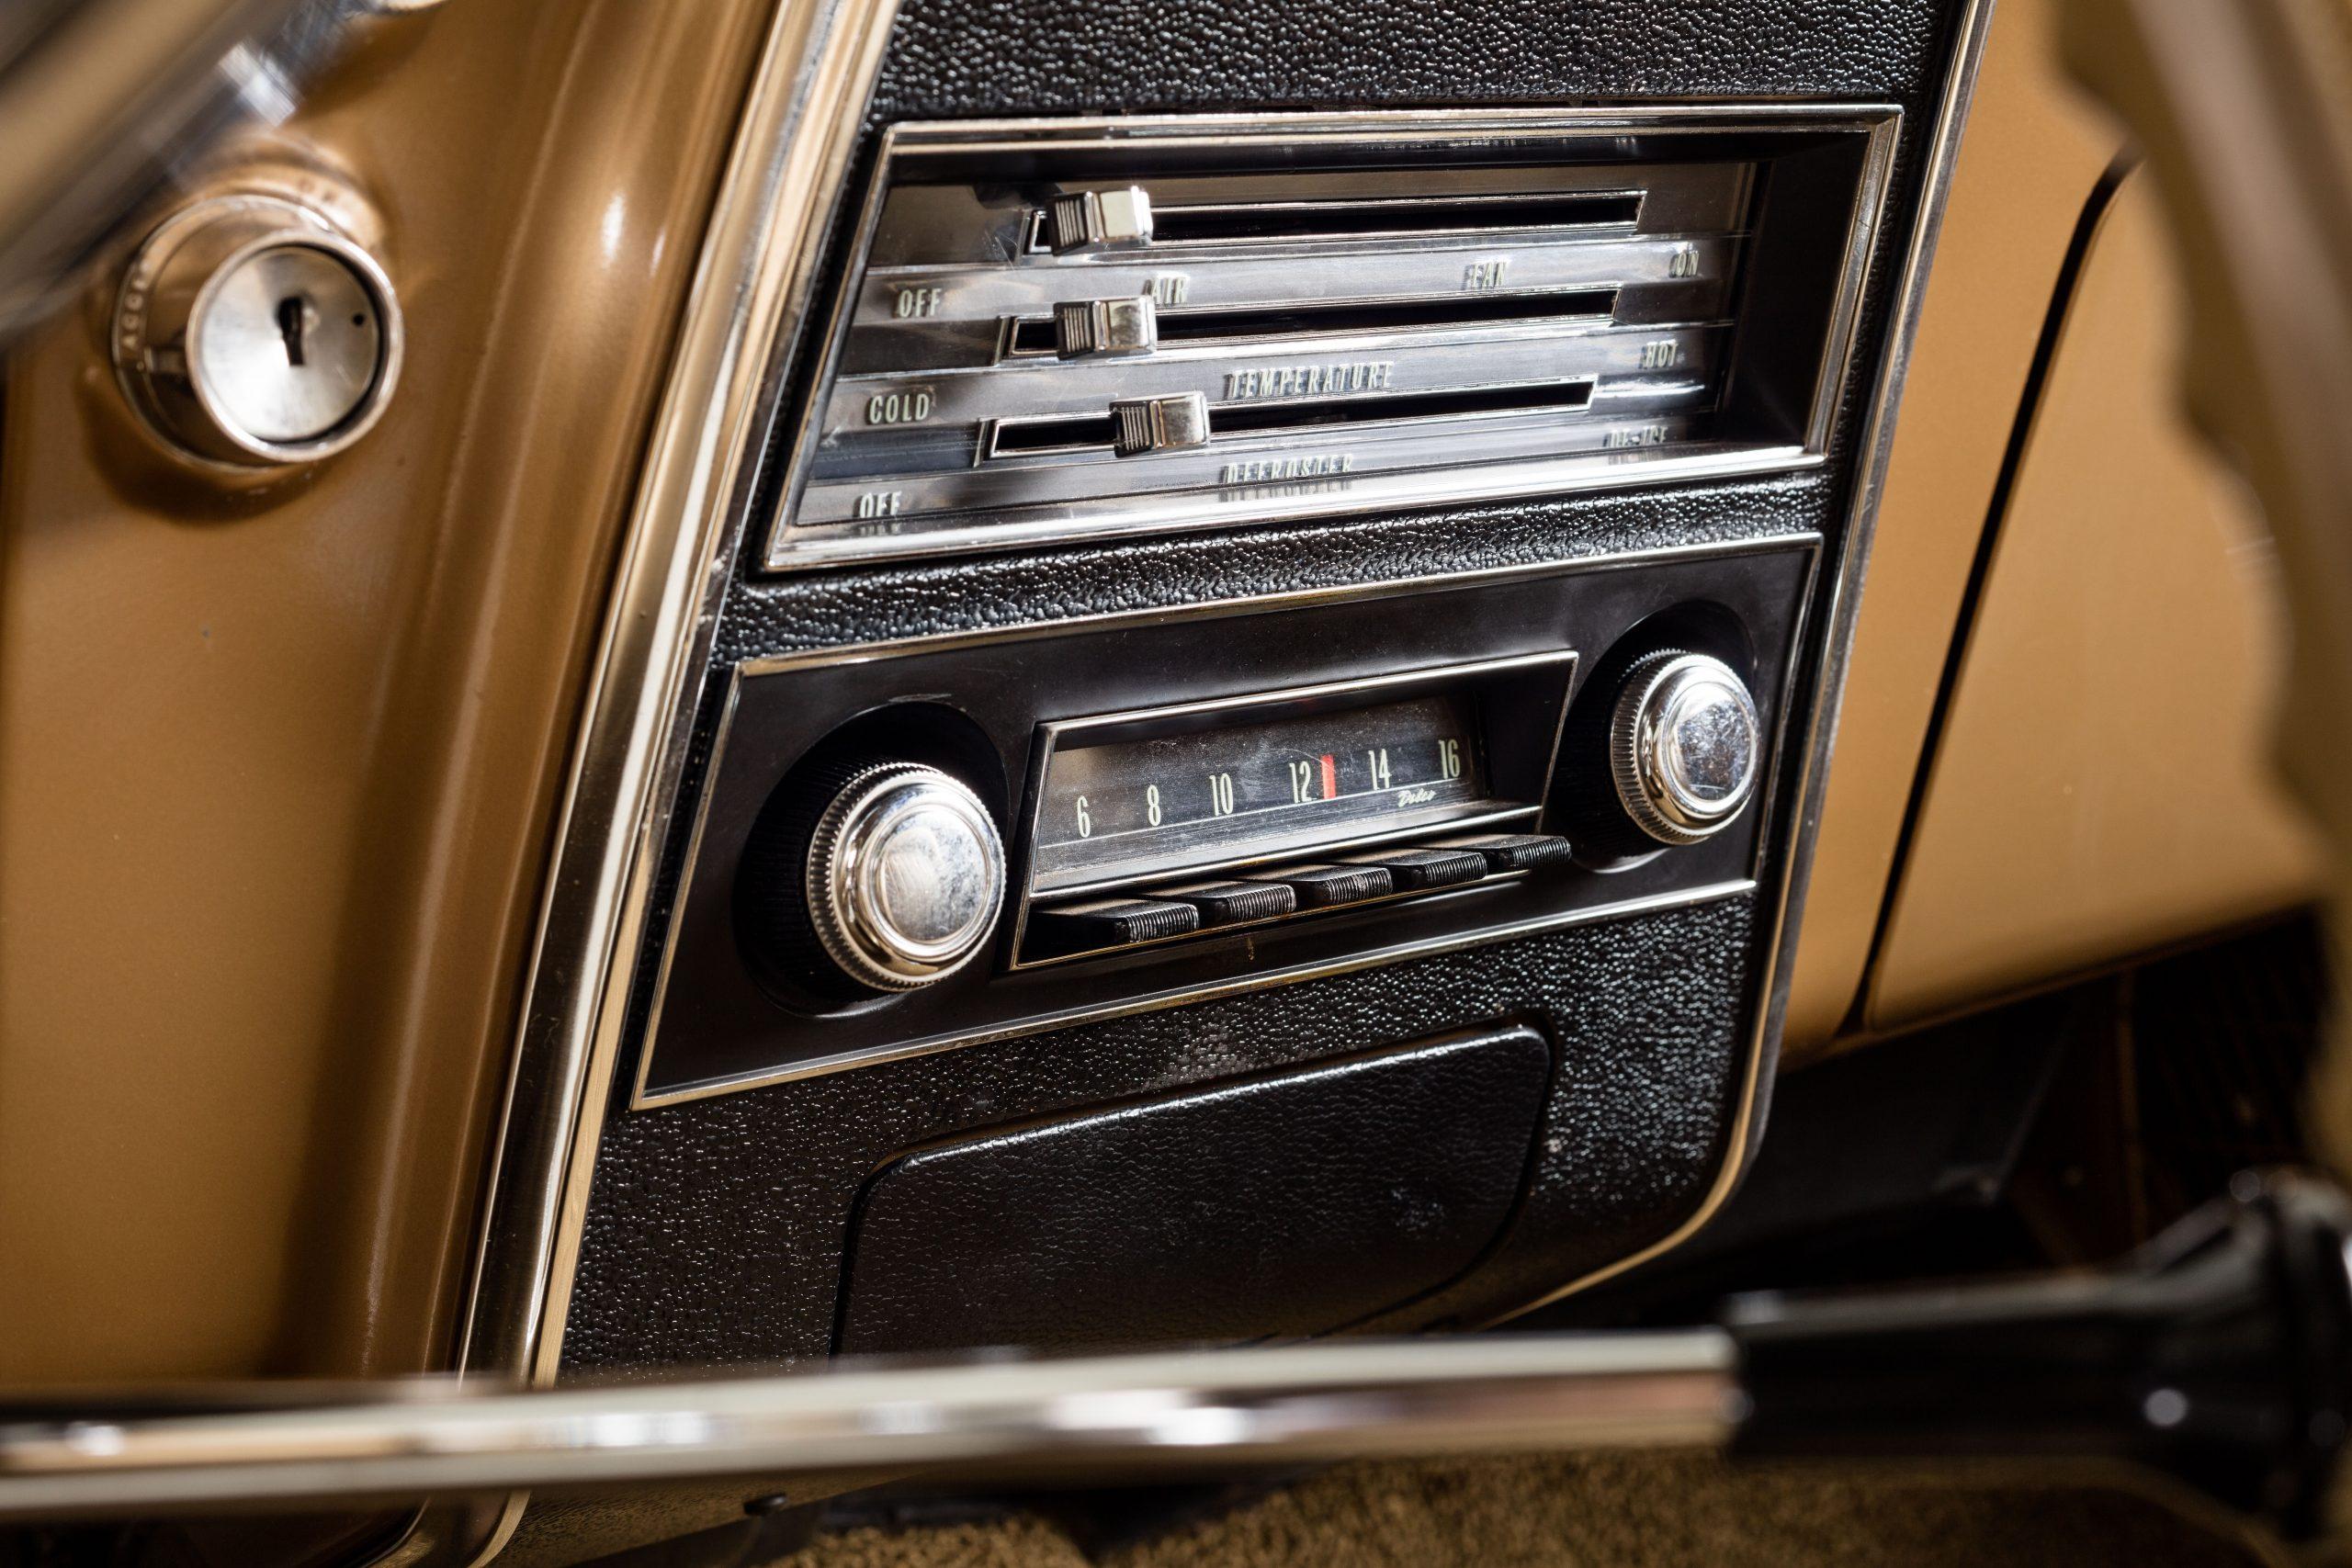 HVA - Chevrolet Camaro N100001 - Closeup temp controls and radio